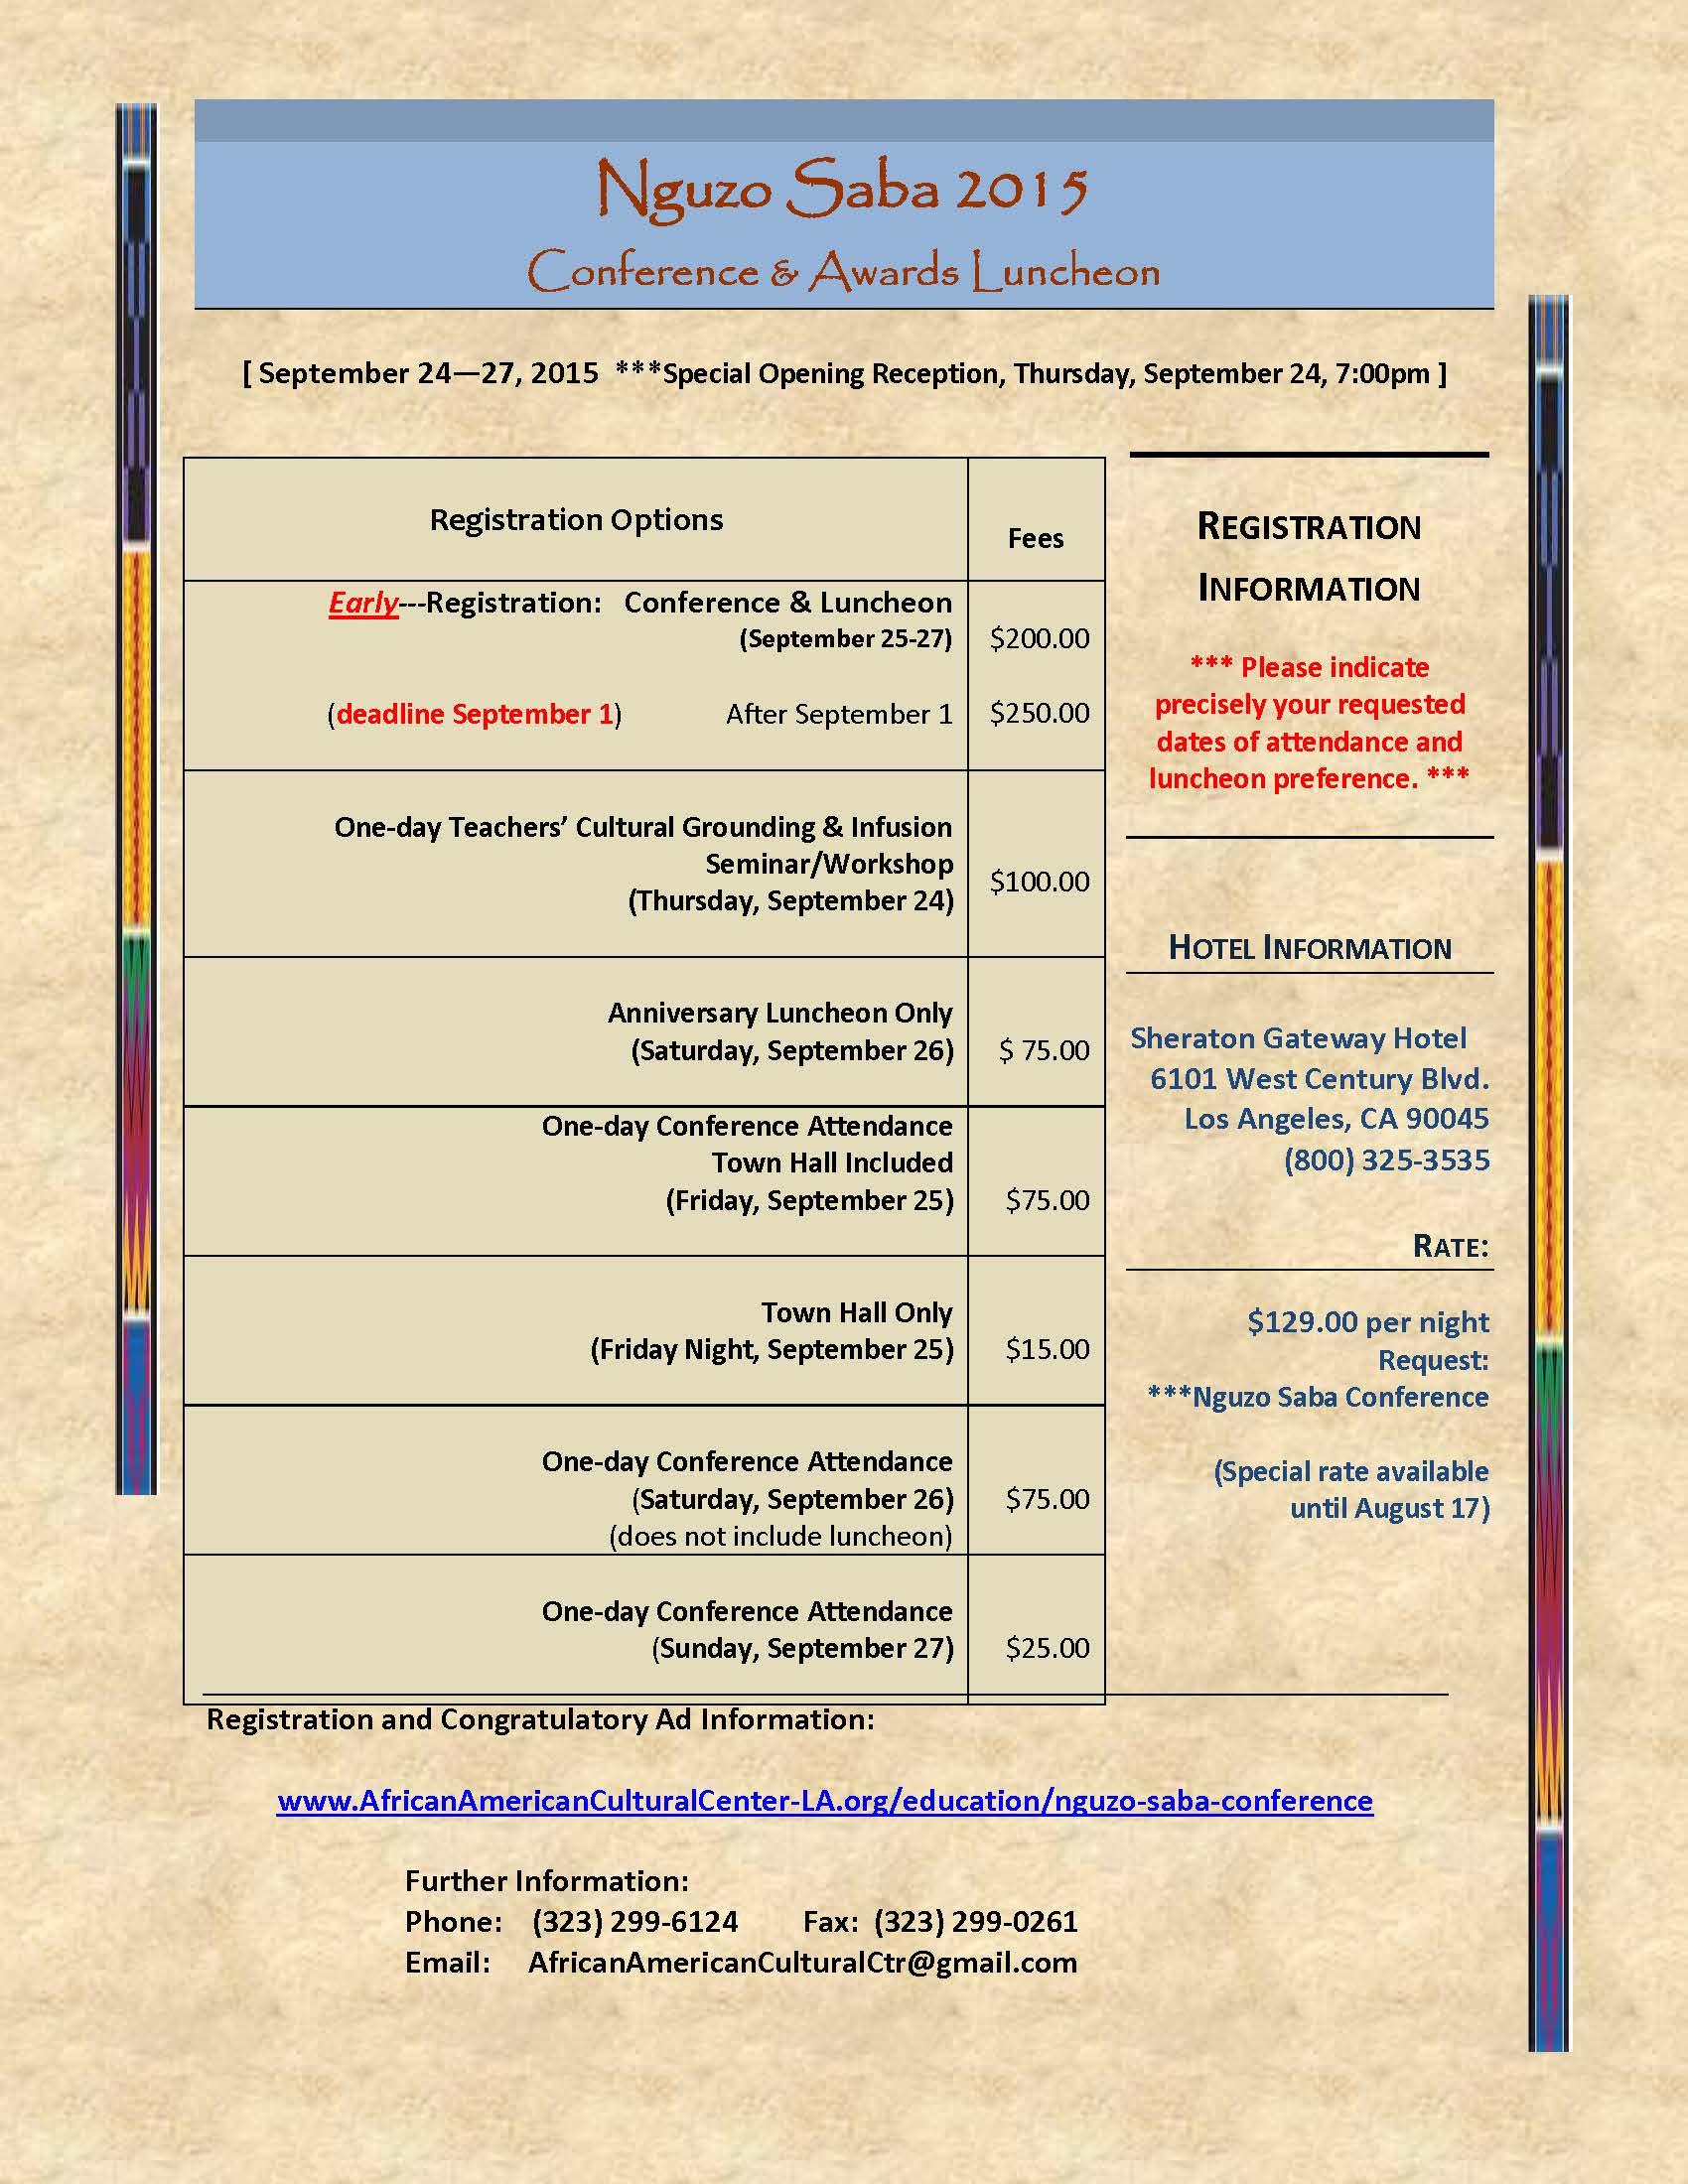 Nguzo Saba Conference